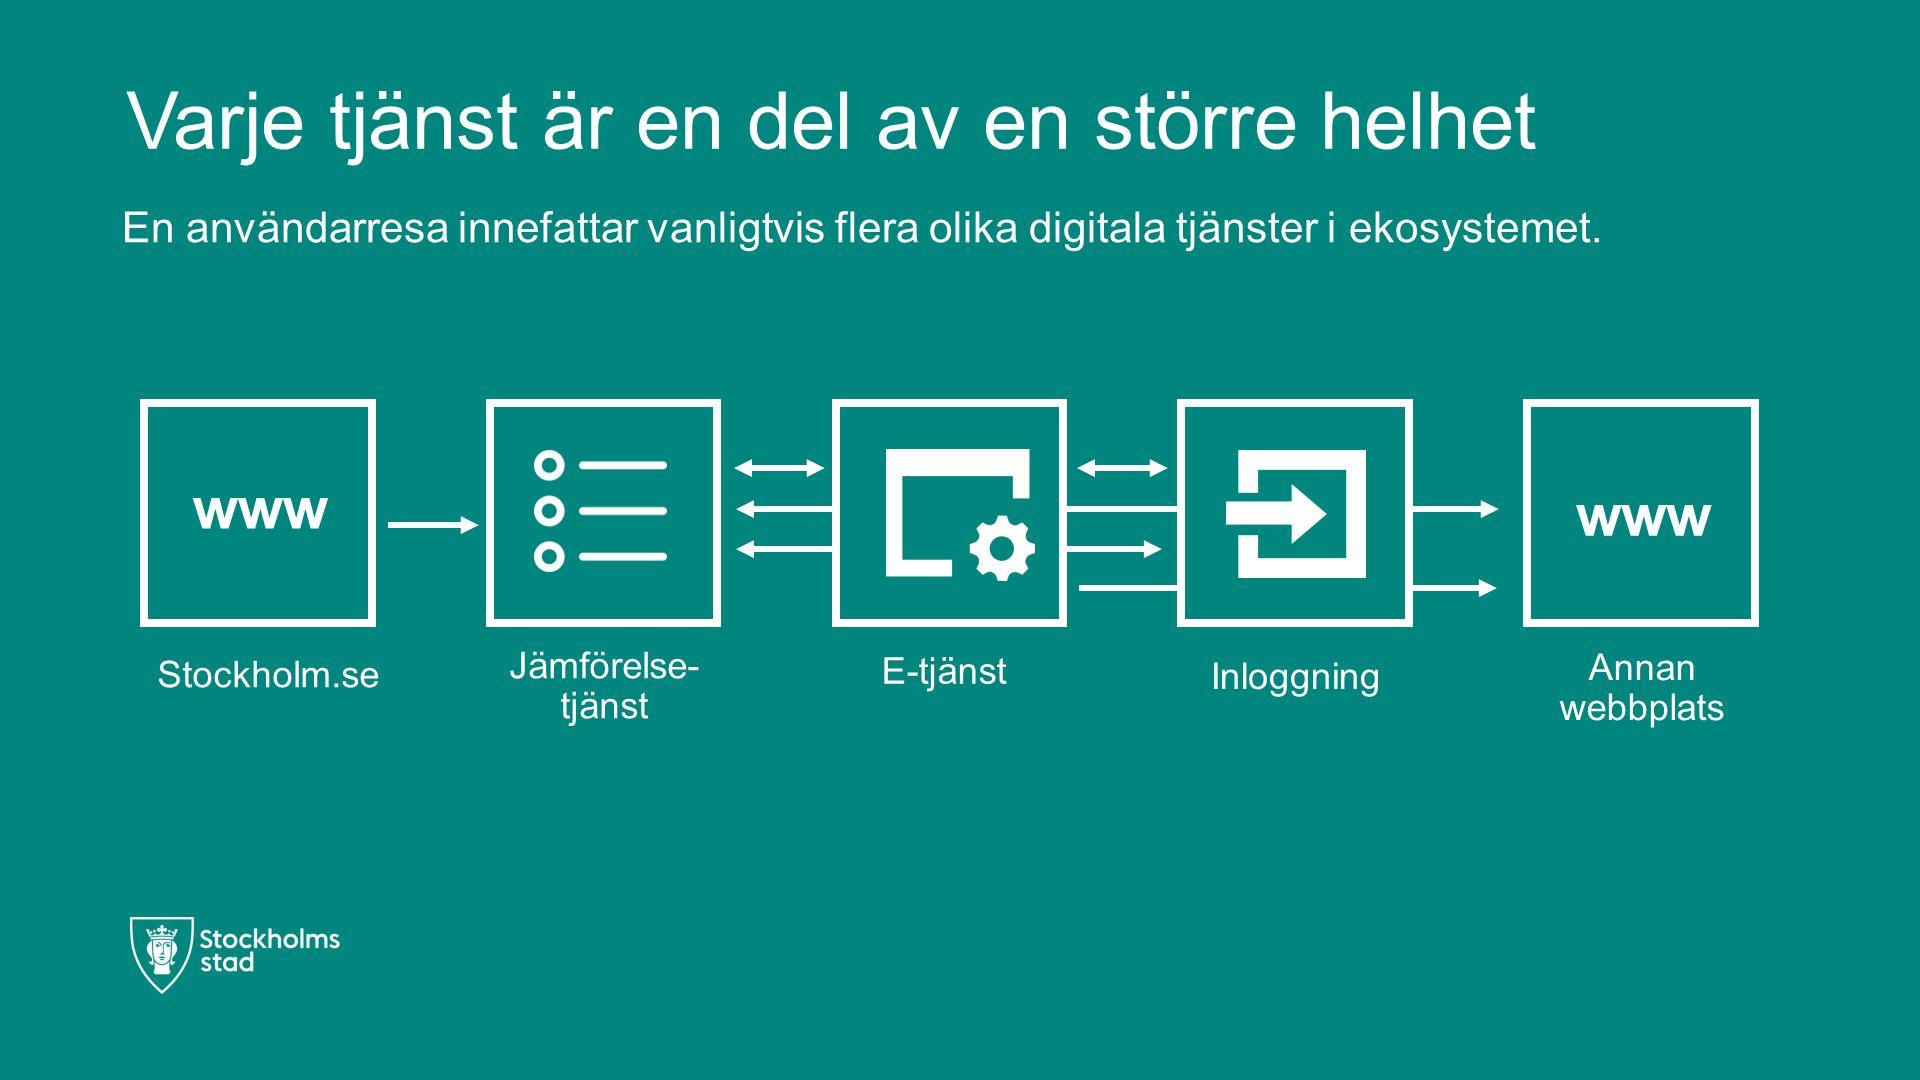 Varje tjänst är en del av en större helhet Stockholm.se E-tjänst Inloggning Annan webbplats Jämförelse- tjänst www En användarresa innefattar vanligtvis flera olika digitala tjänster i ekosystemet.